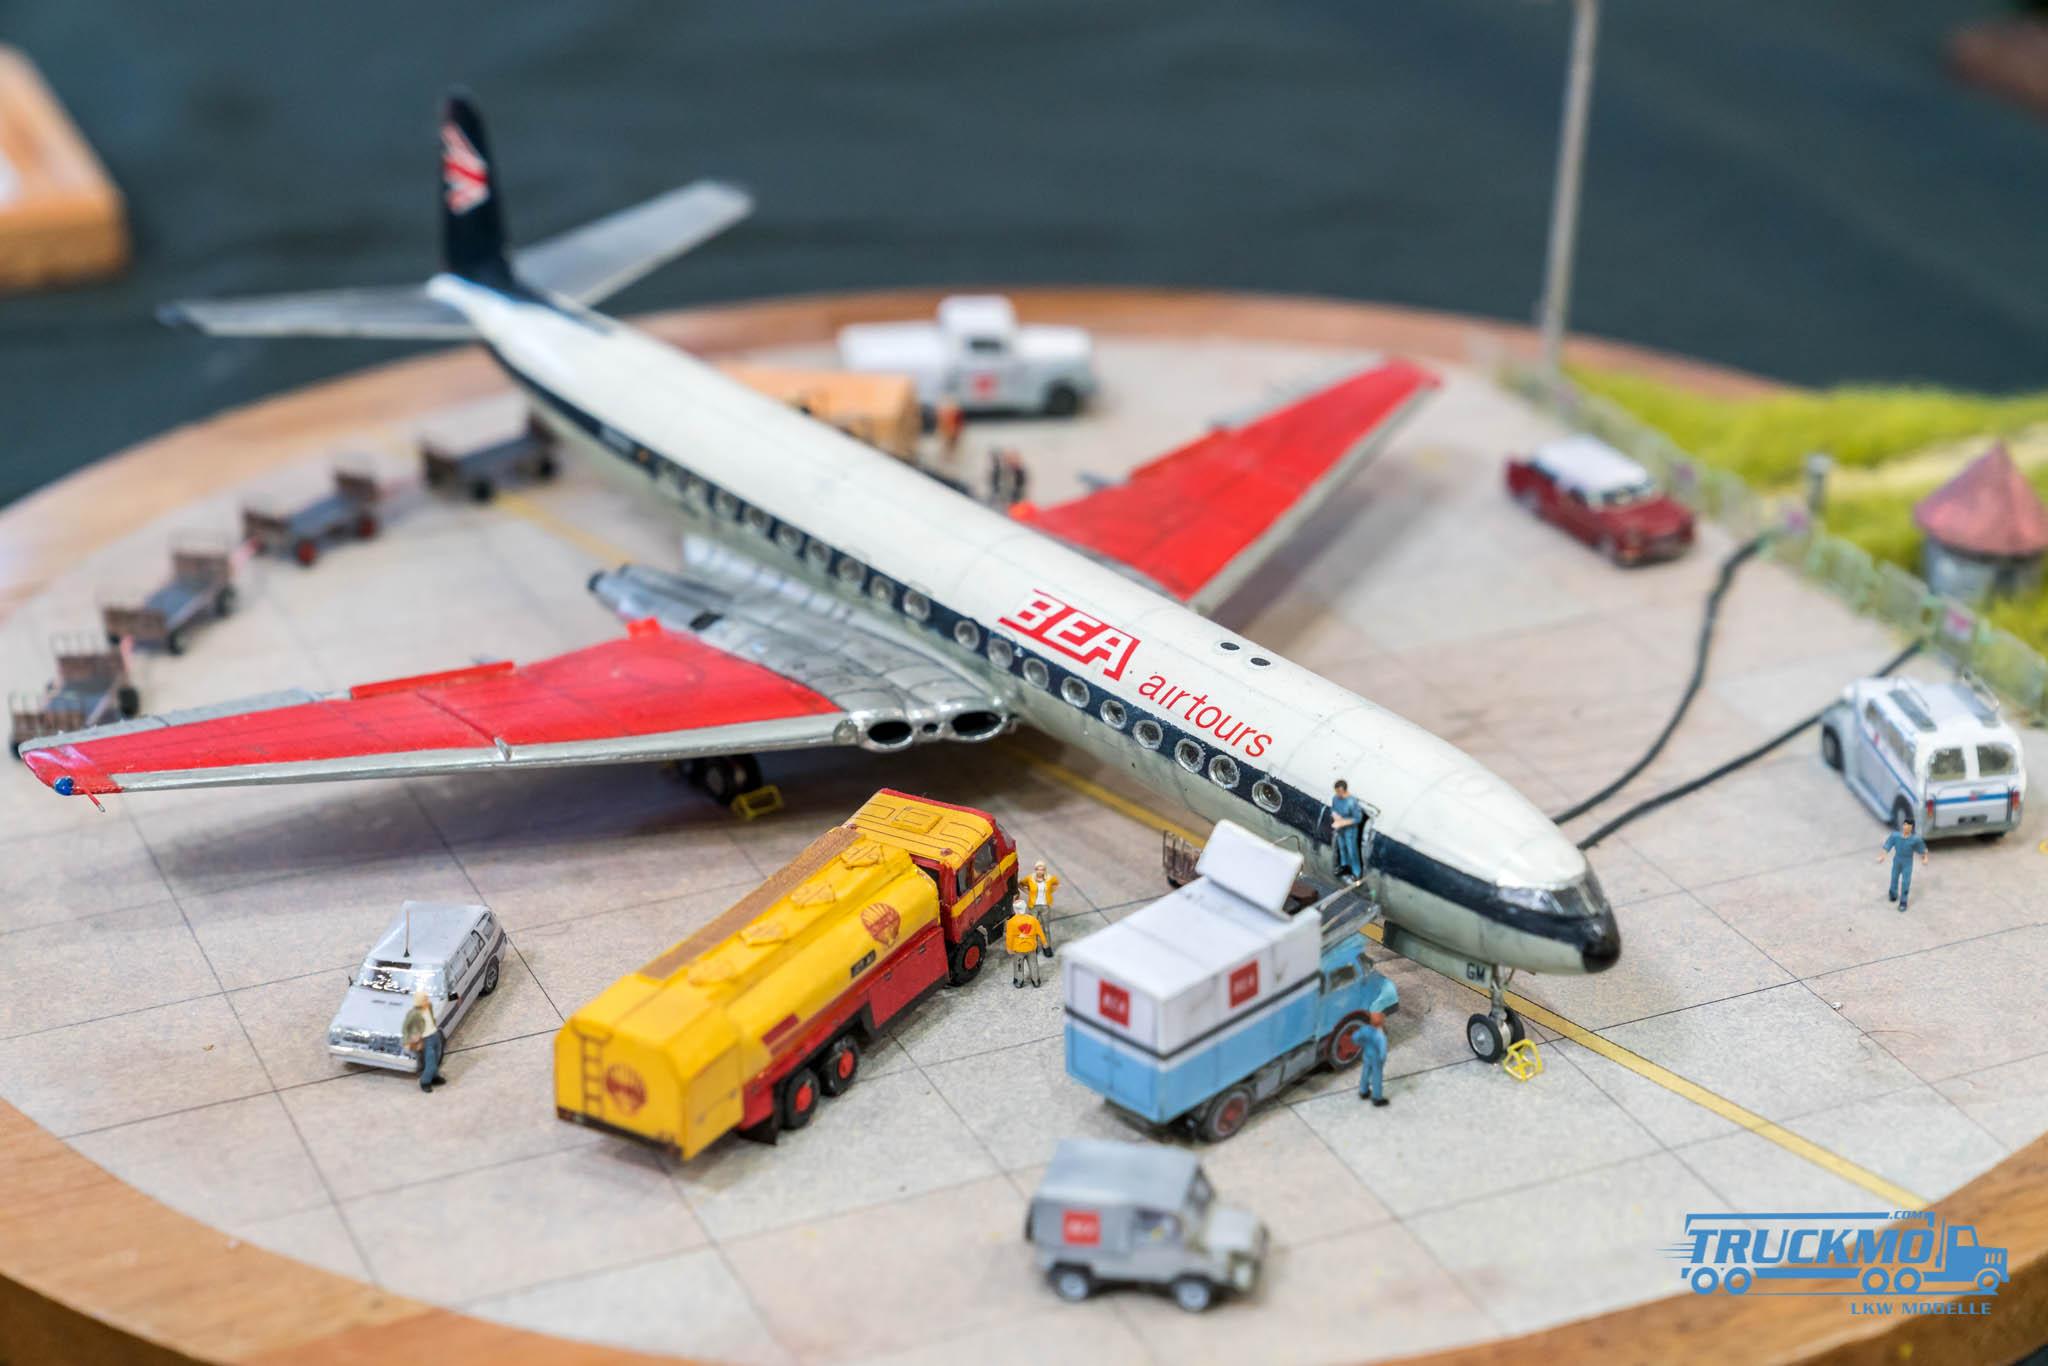 Truckmo_Modellbau_Ried_2017_Herpa_Messe_Modellbauausstellung (472 von 1177)